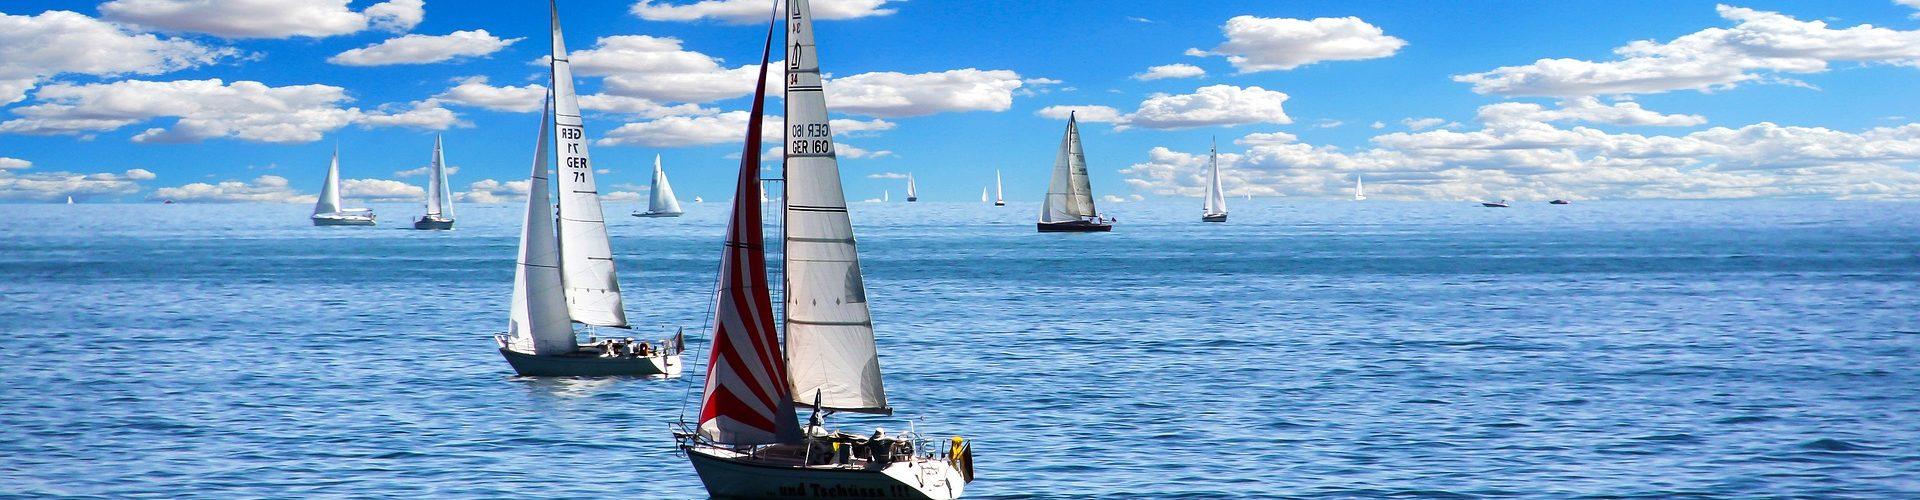 segeln lernen in Groß Wittensee segelschein machen in Groß Wittensee 1920x500 - Segeln lernen in Groß Wittensee